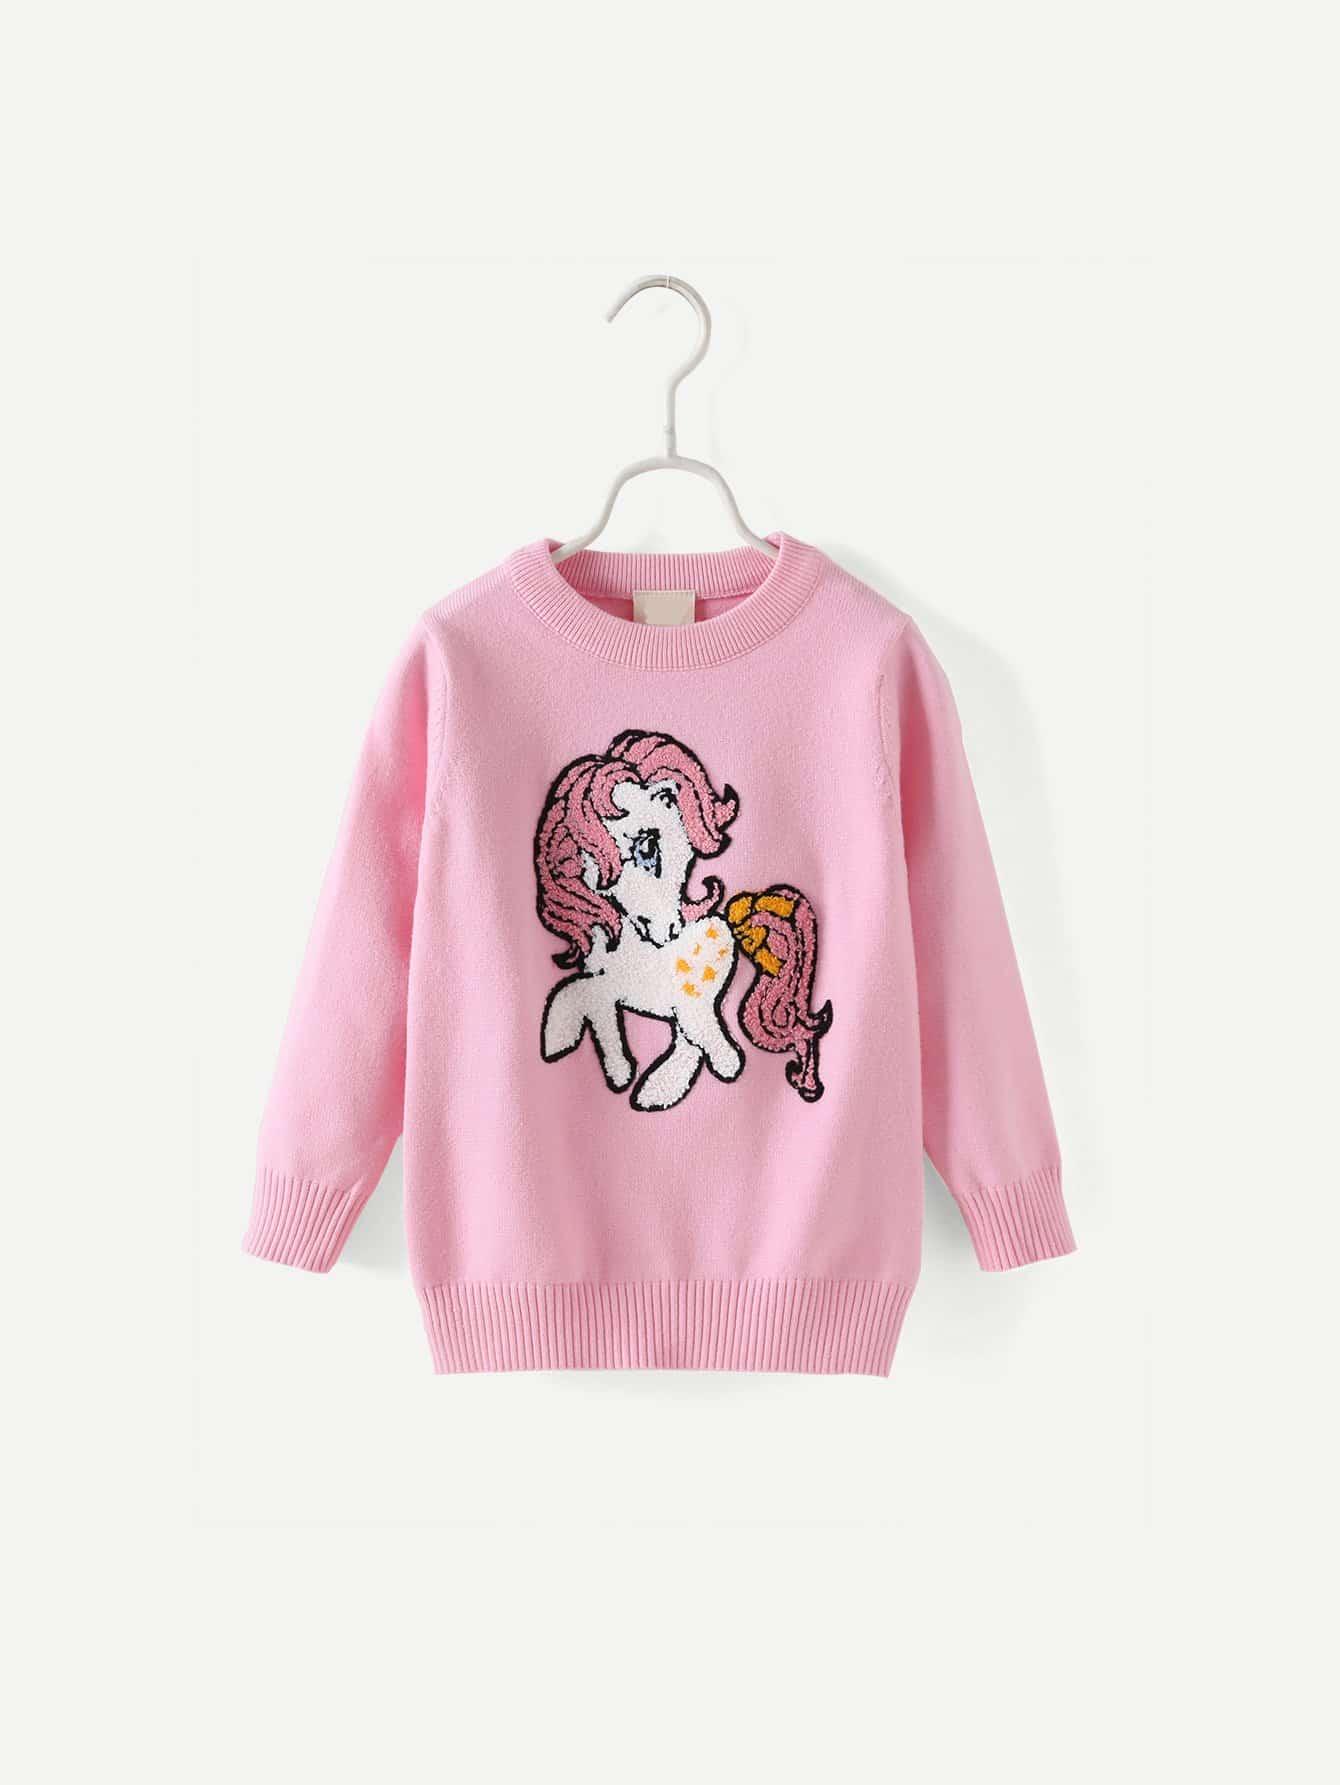 Купить Для маленьких девочек свитер с принтом мультфильма, null, SheIn